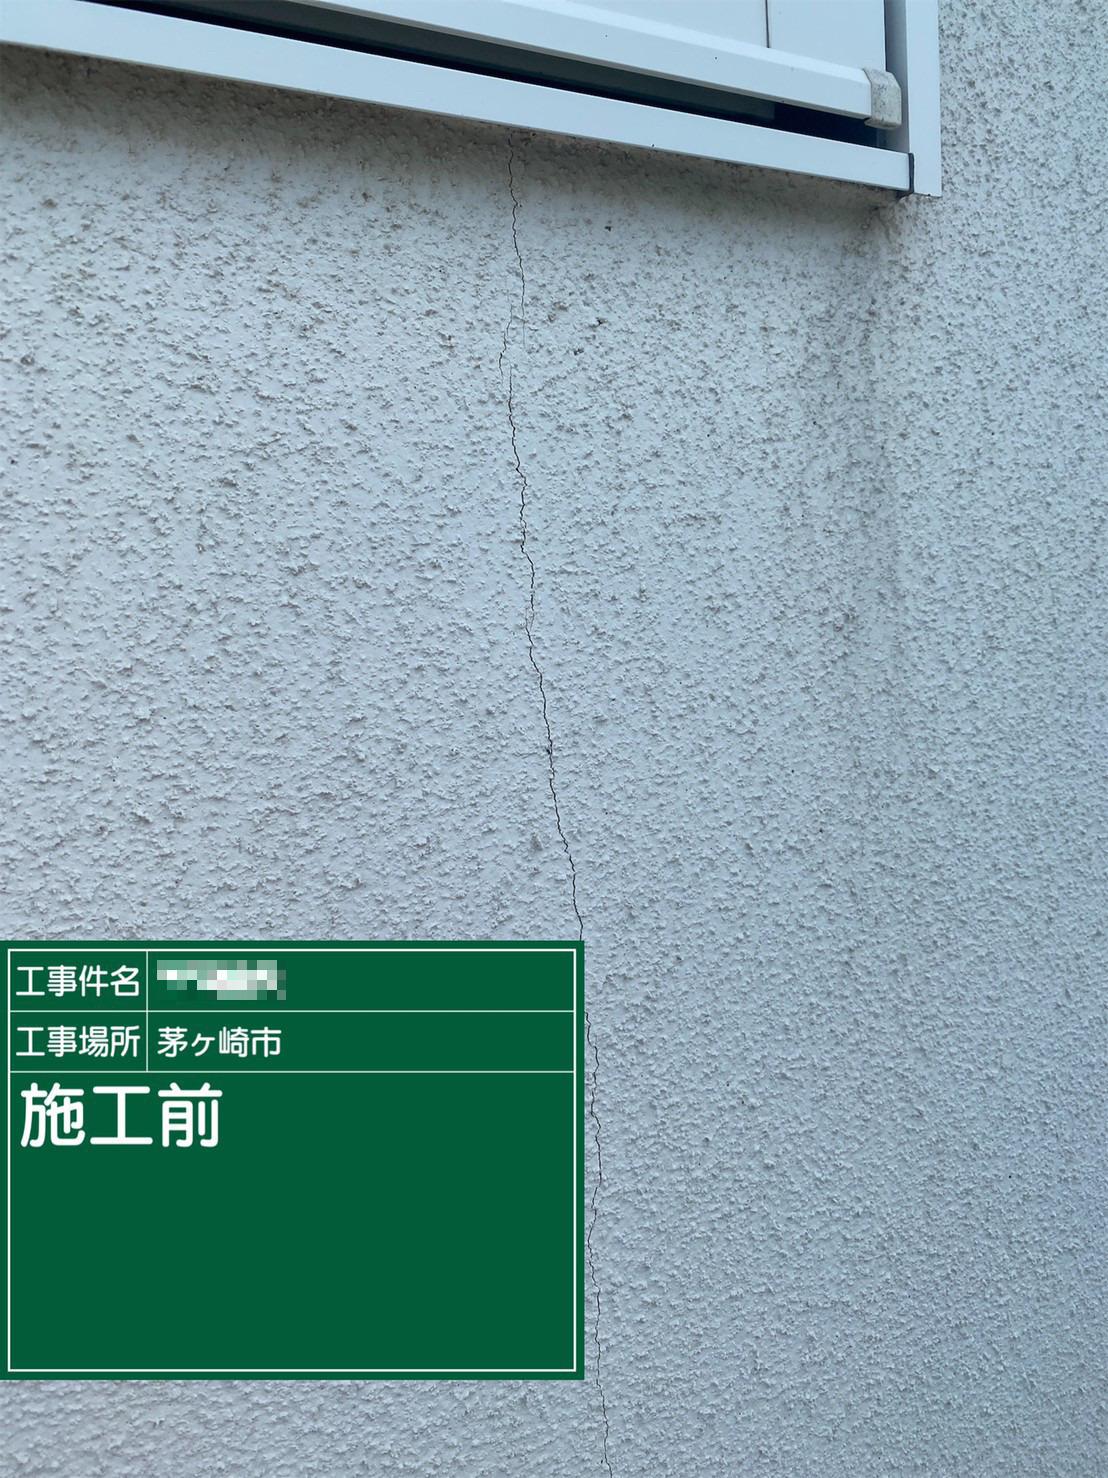 外壁のクラック画像